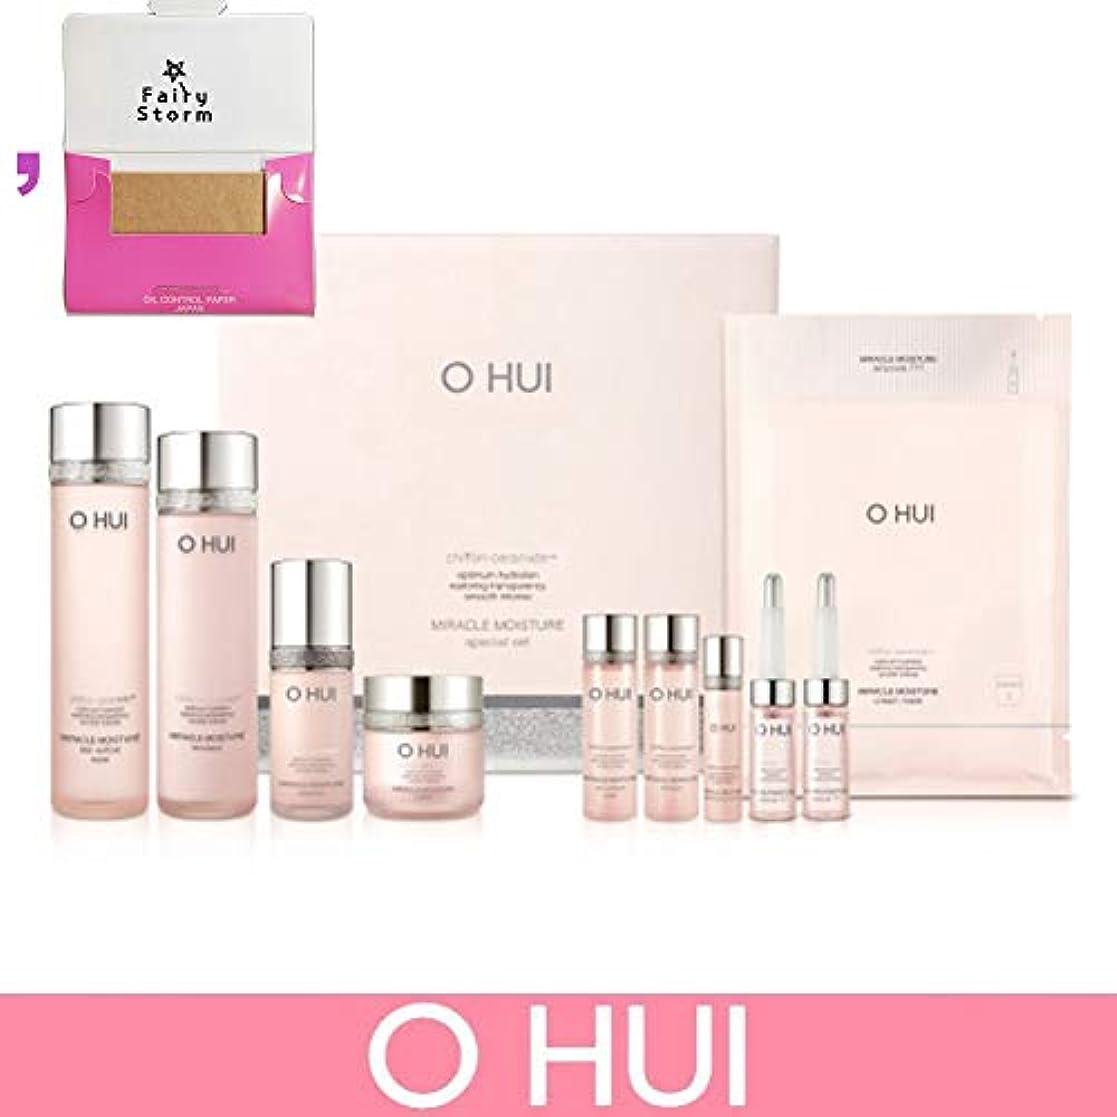 自信があるペルセウスマーキング[オフィ/O HUI]韓国化粧品LG生活健康/Miracle Moisture 4 kinds of special set/ミラクルモイスチャー 4種のスペシャルセット+[Sample Gift](海外直送品)